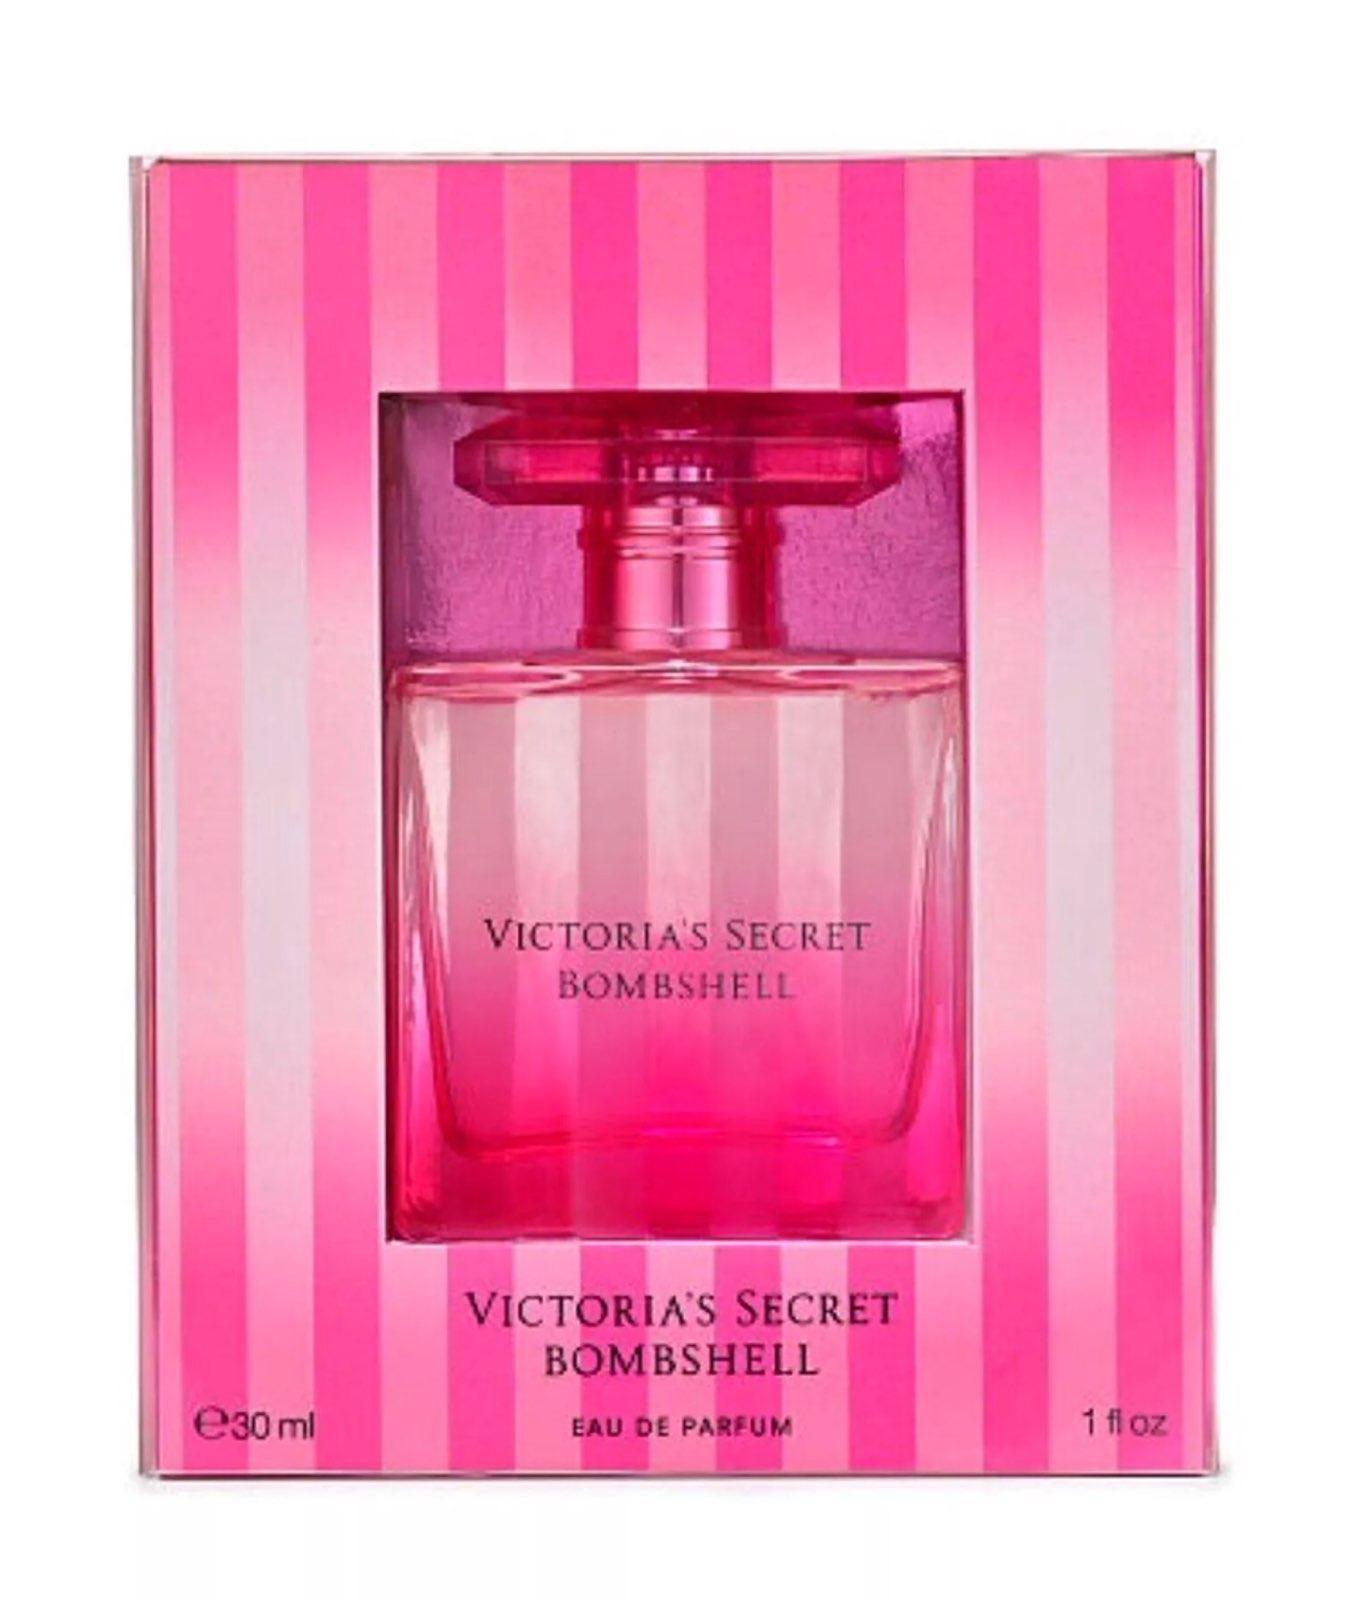 vs bombshell eau de parfum nwts mercari buy sell things you